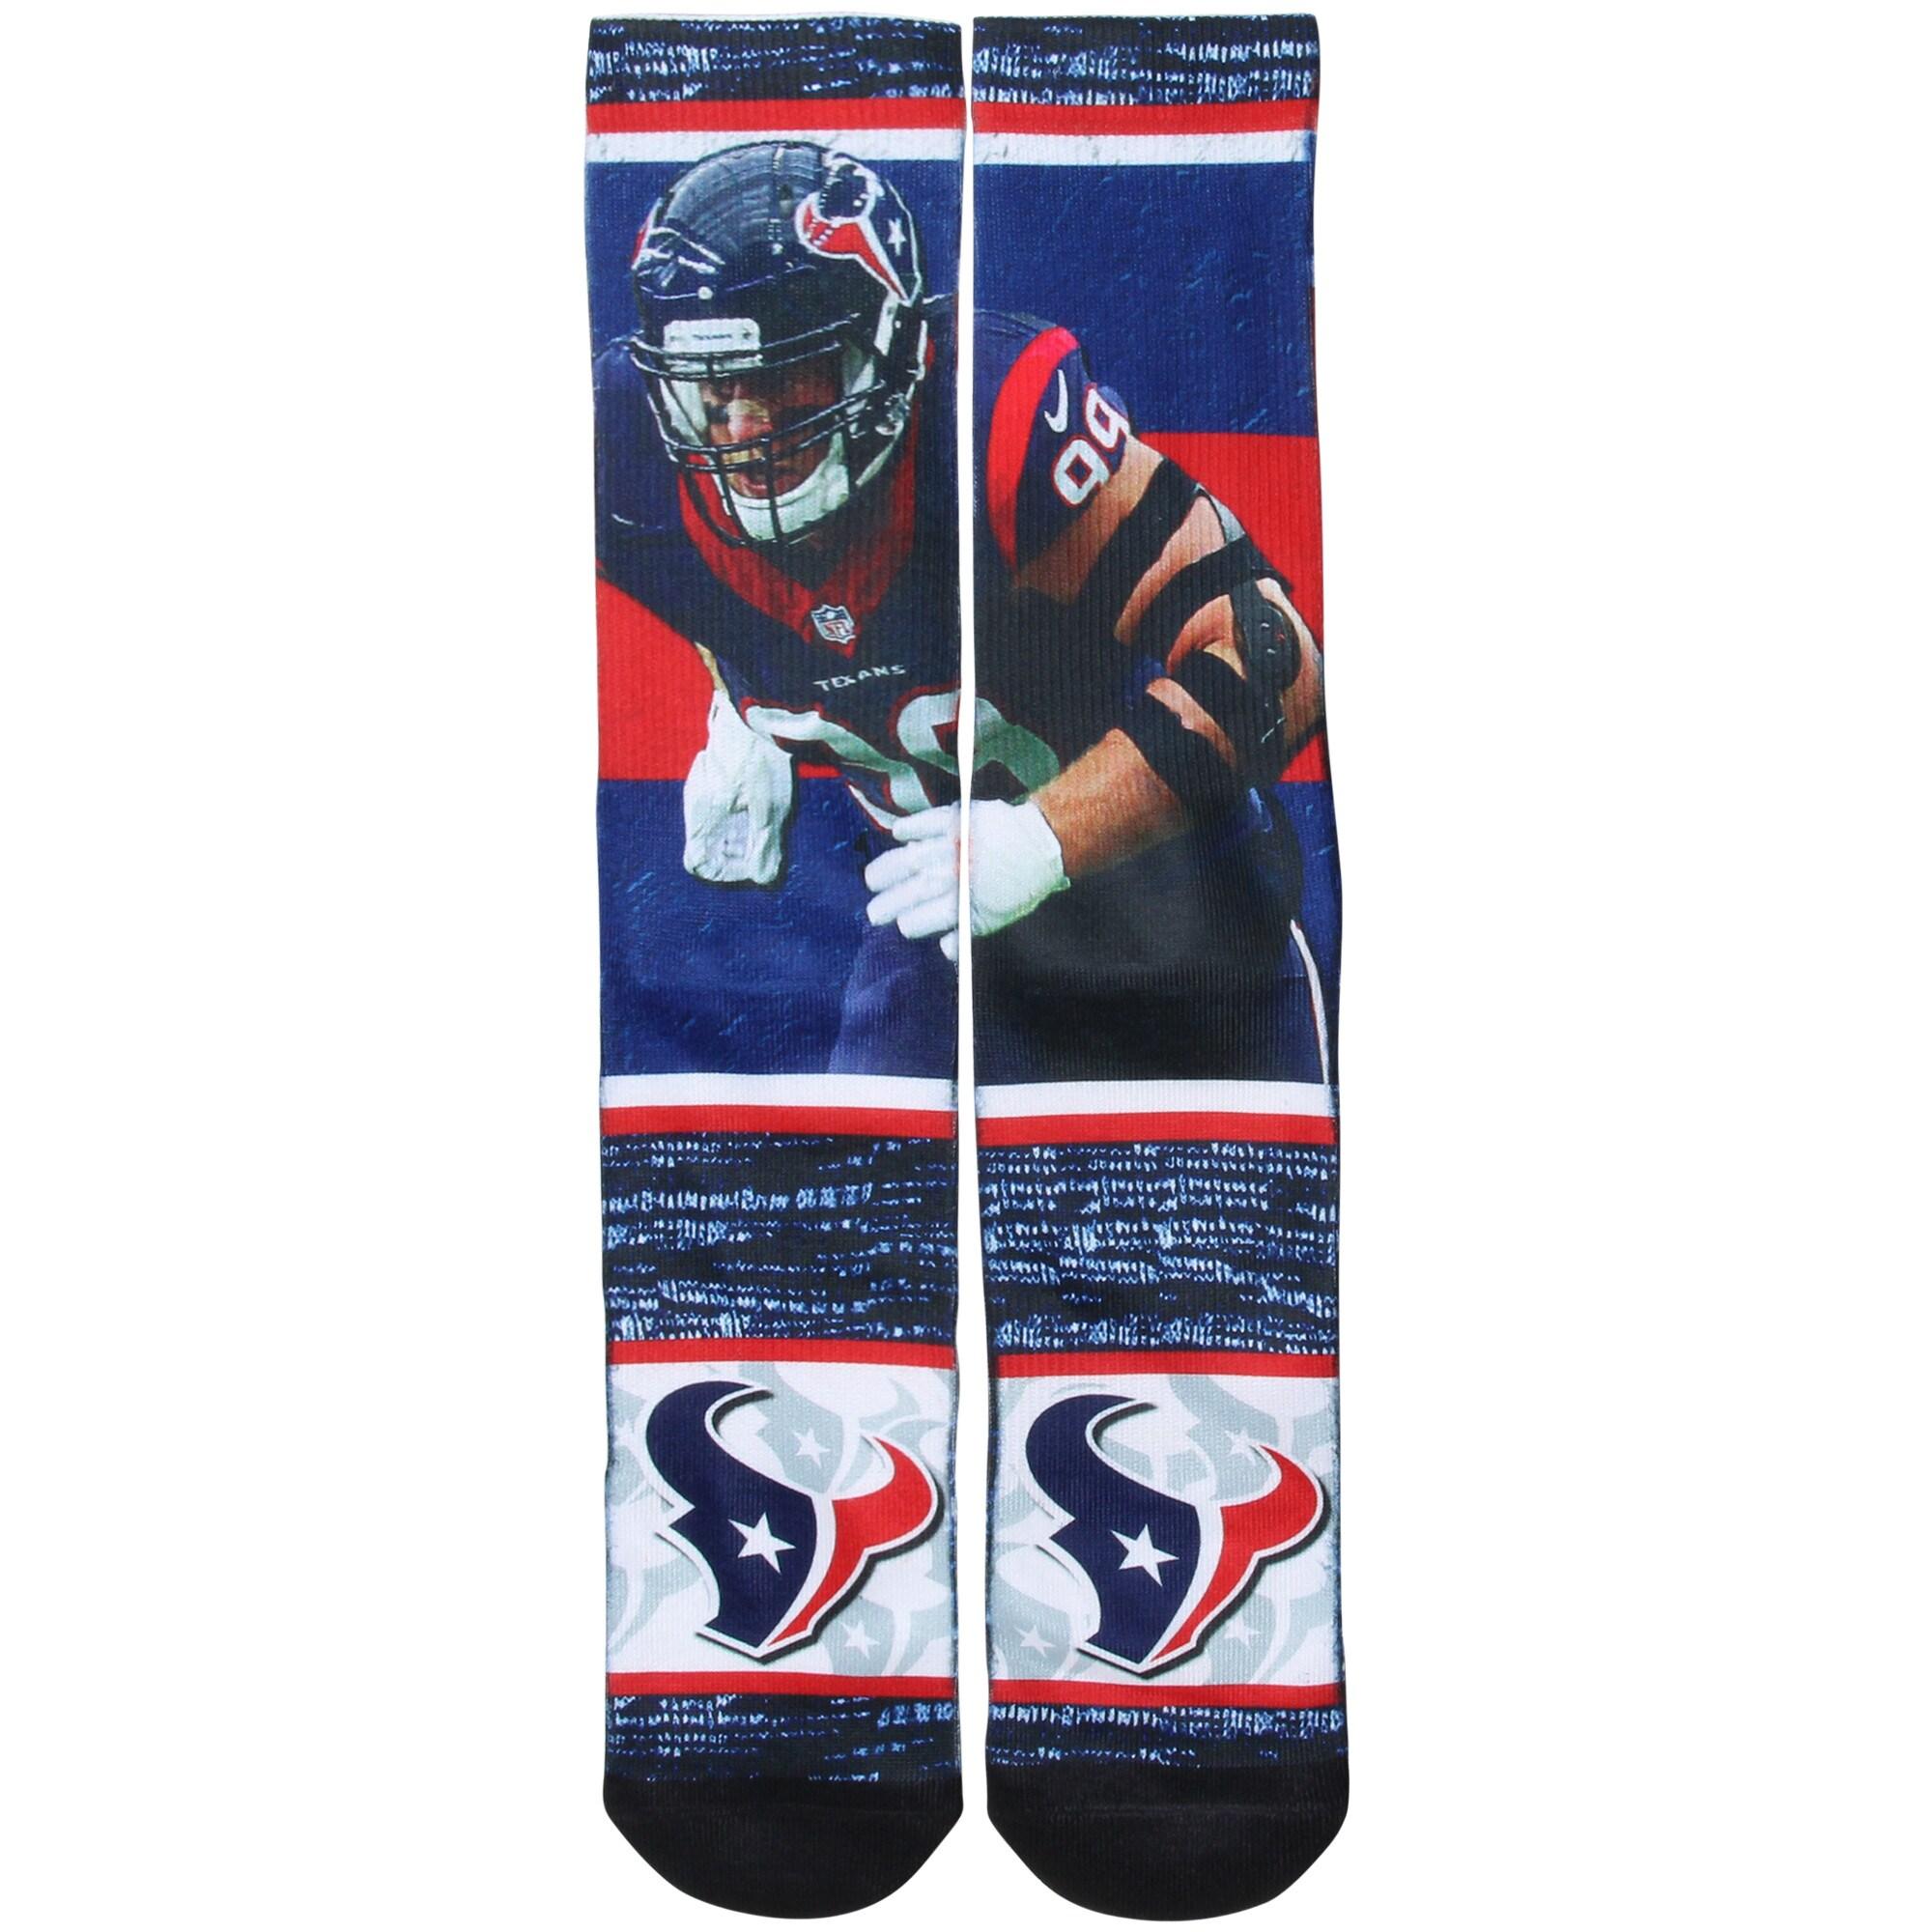 J.J. Watt Houston Texans For Bare Feet Rush Socks